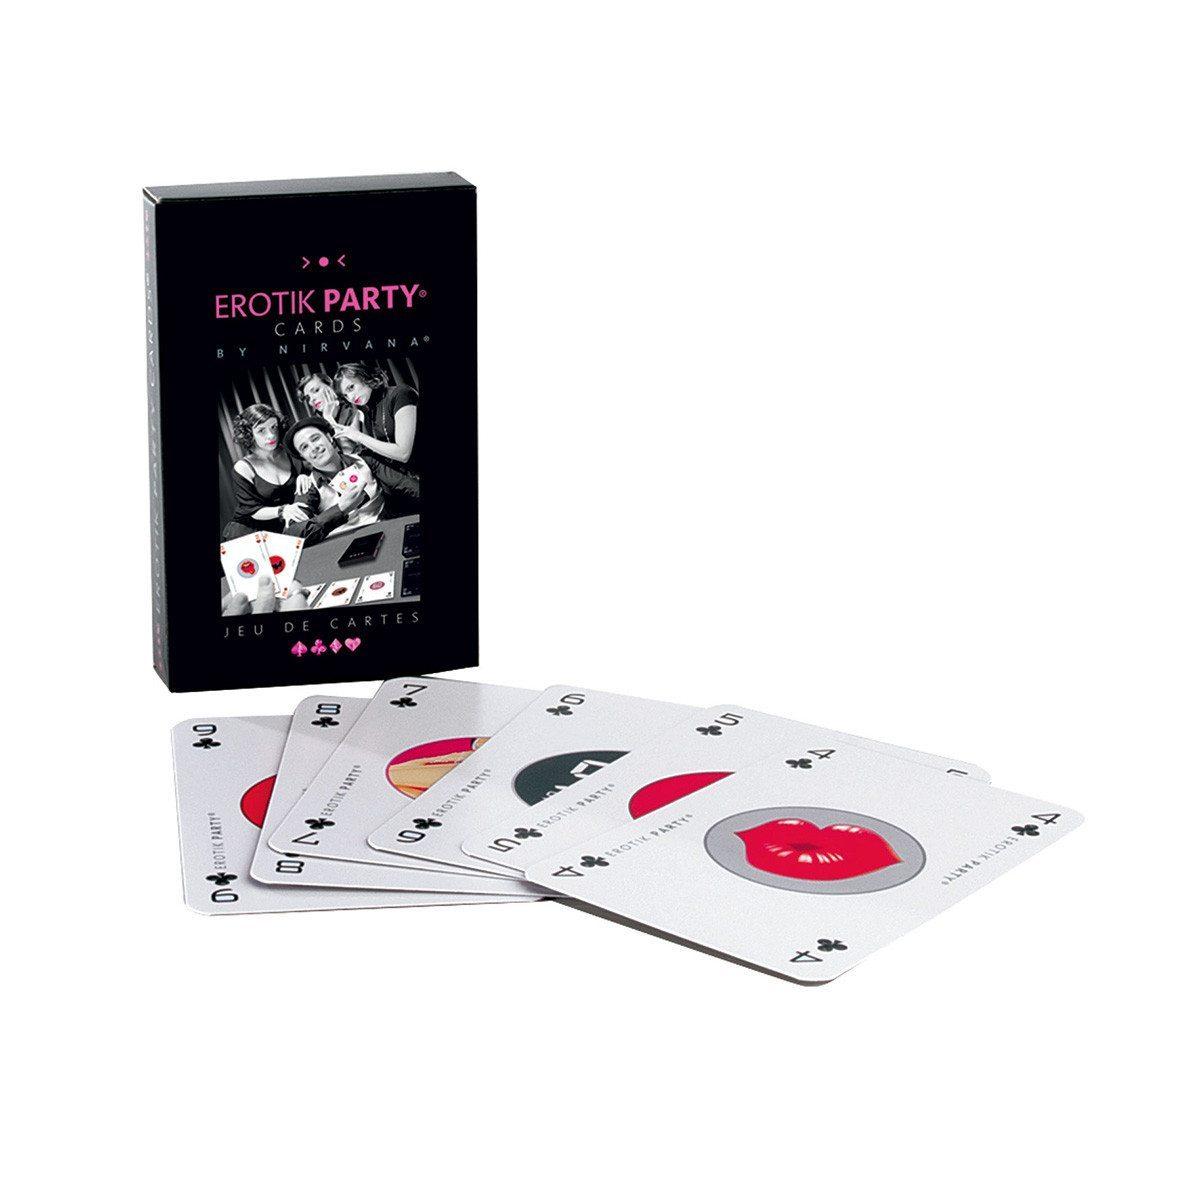 Set de Cartas eróticas Nirvana – el juego más sexy